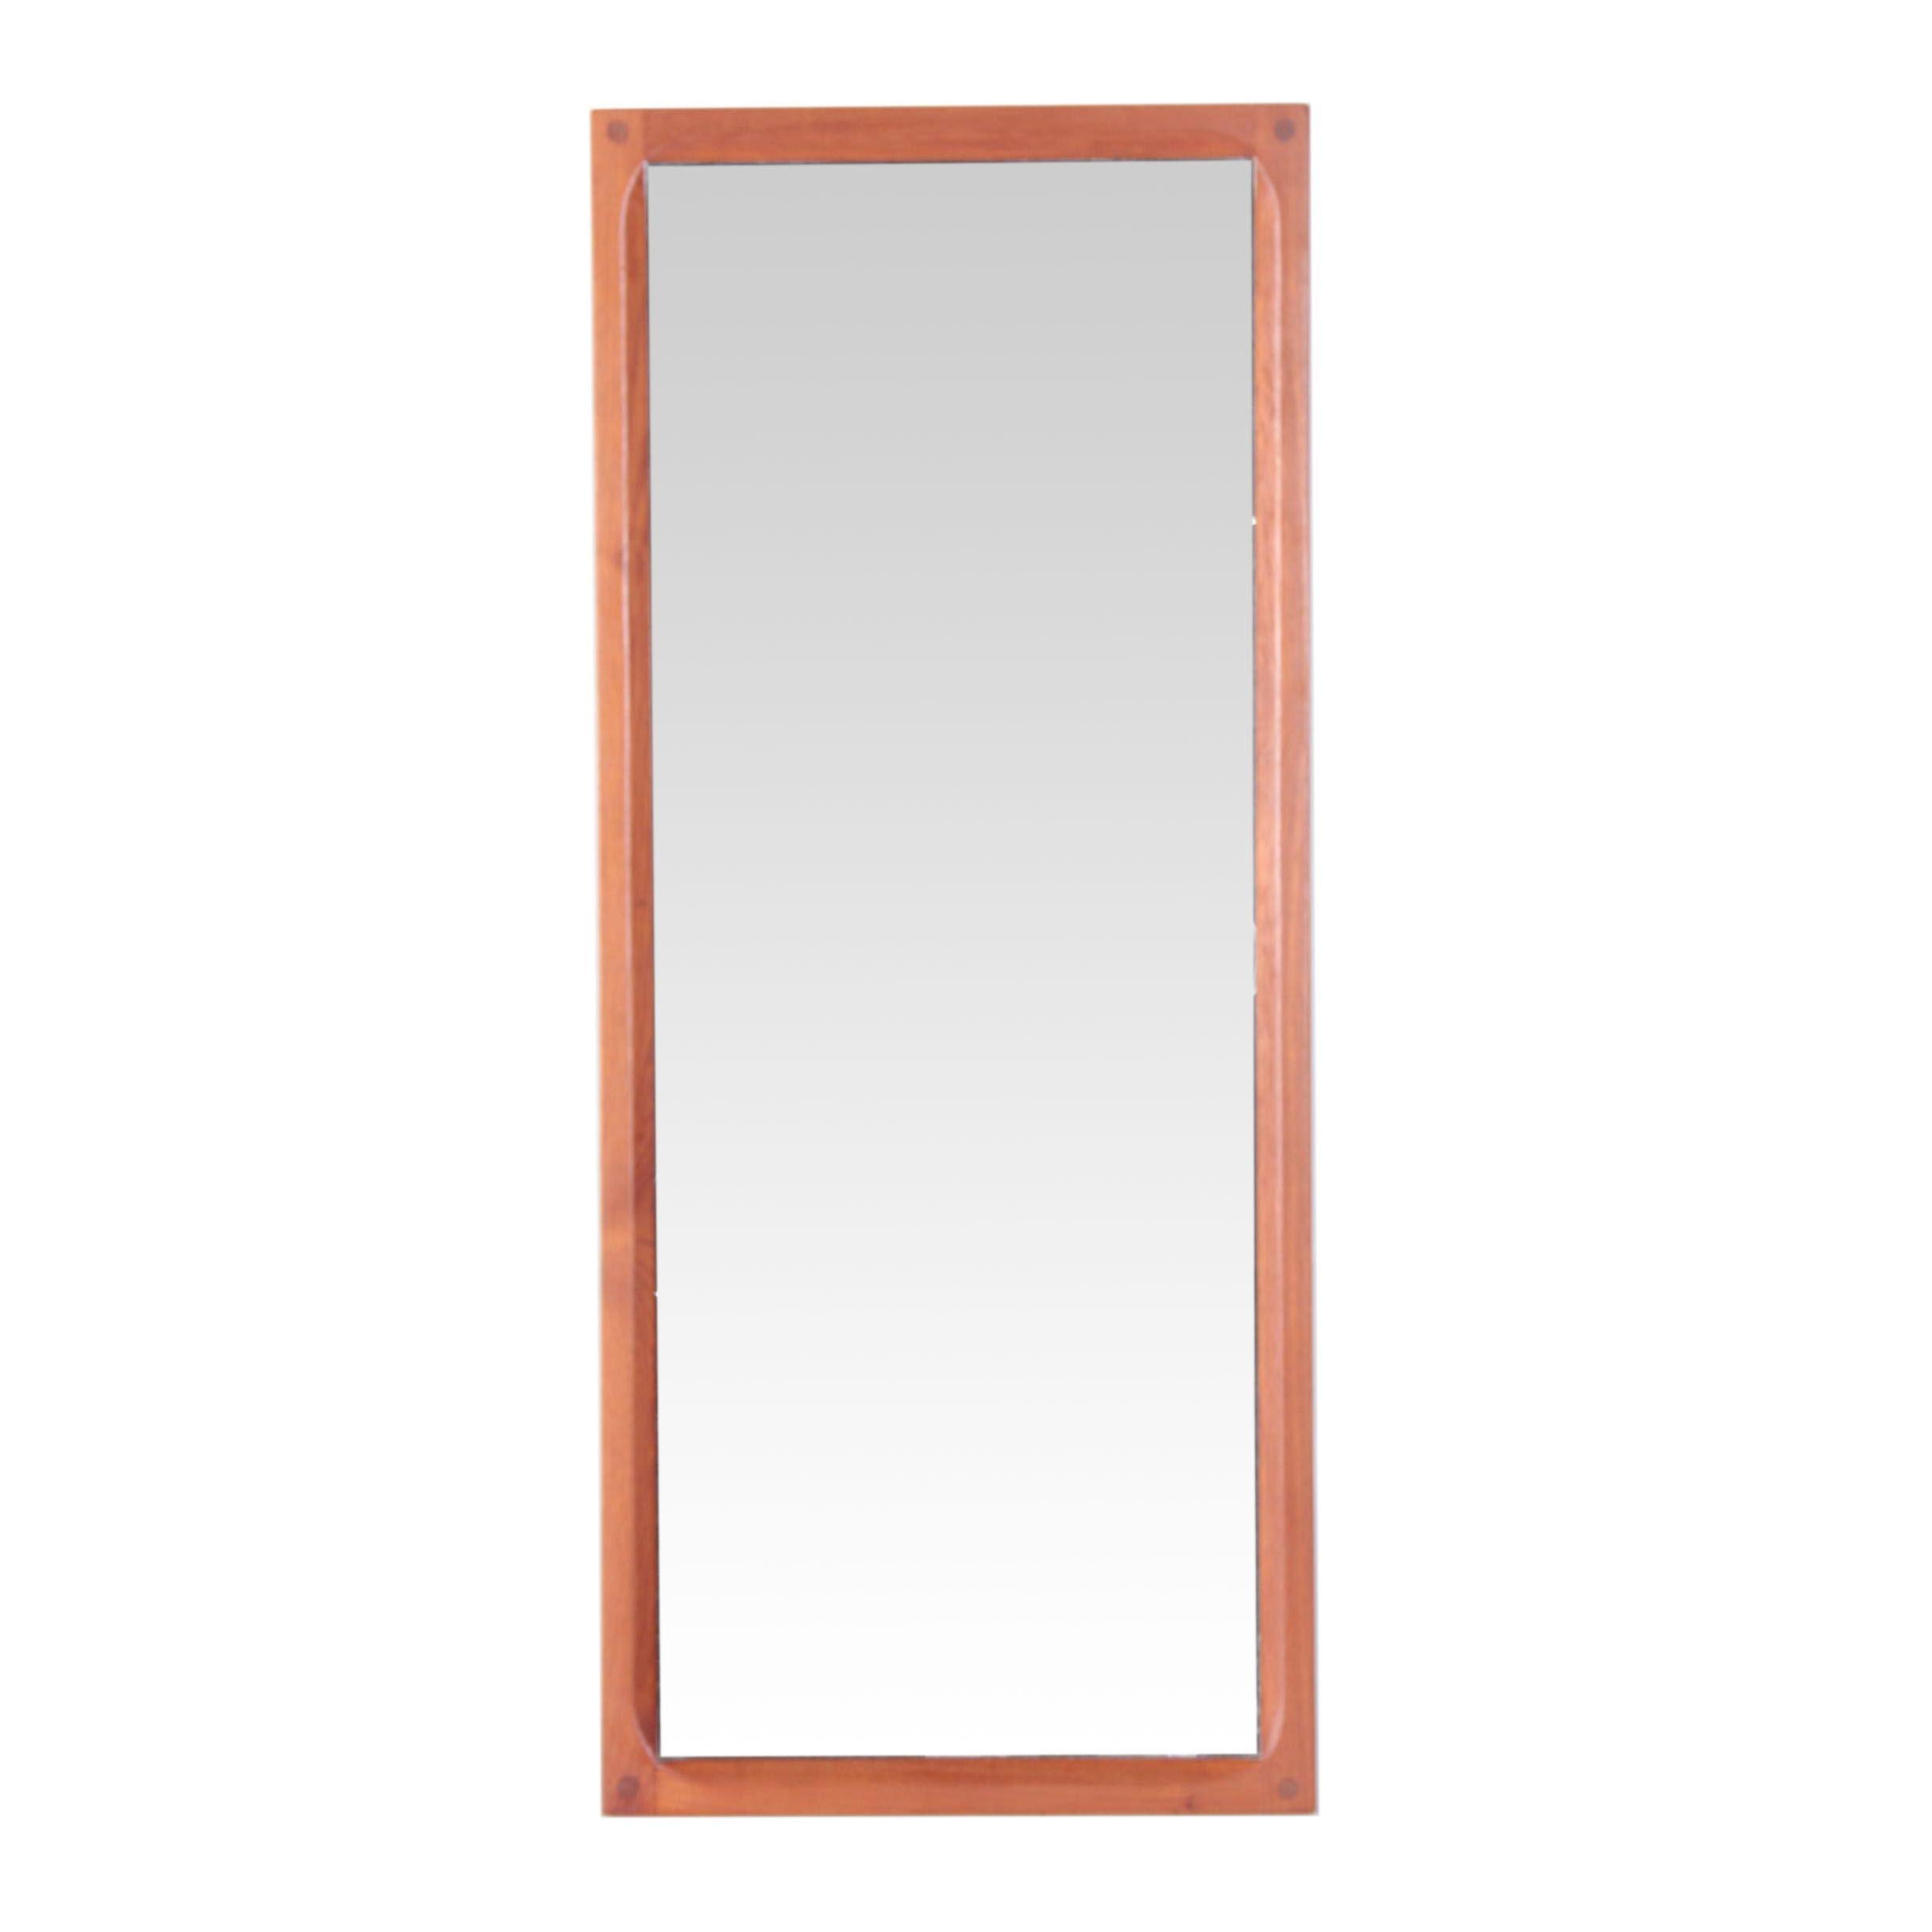 Danish Modern Aksel Kjersgaard Teak Rectangular Mirror and Sculpted Frame, 1960s